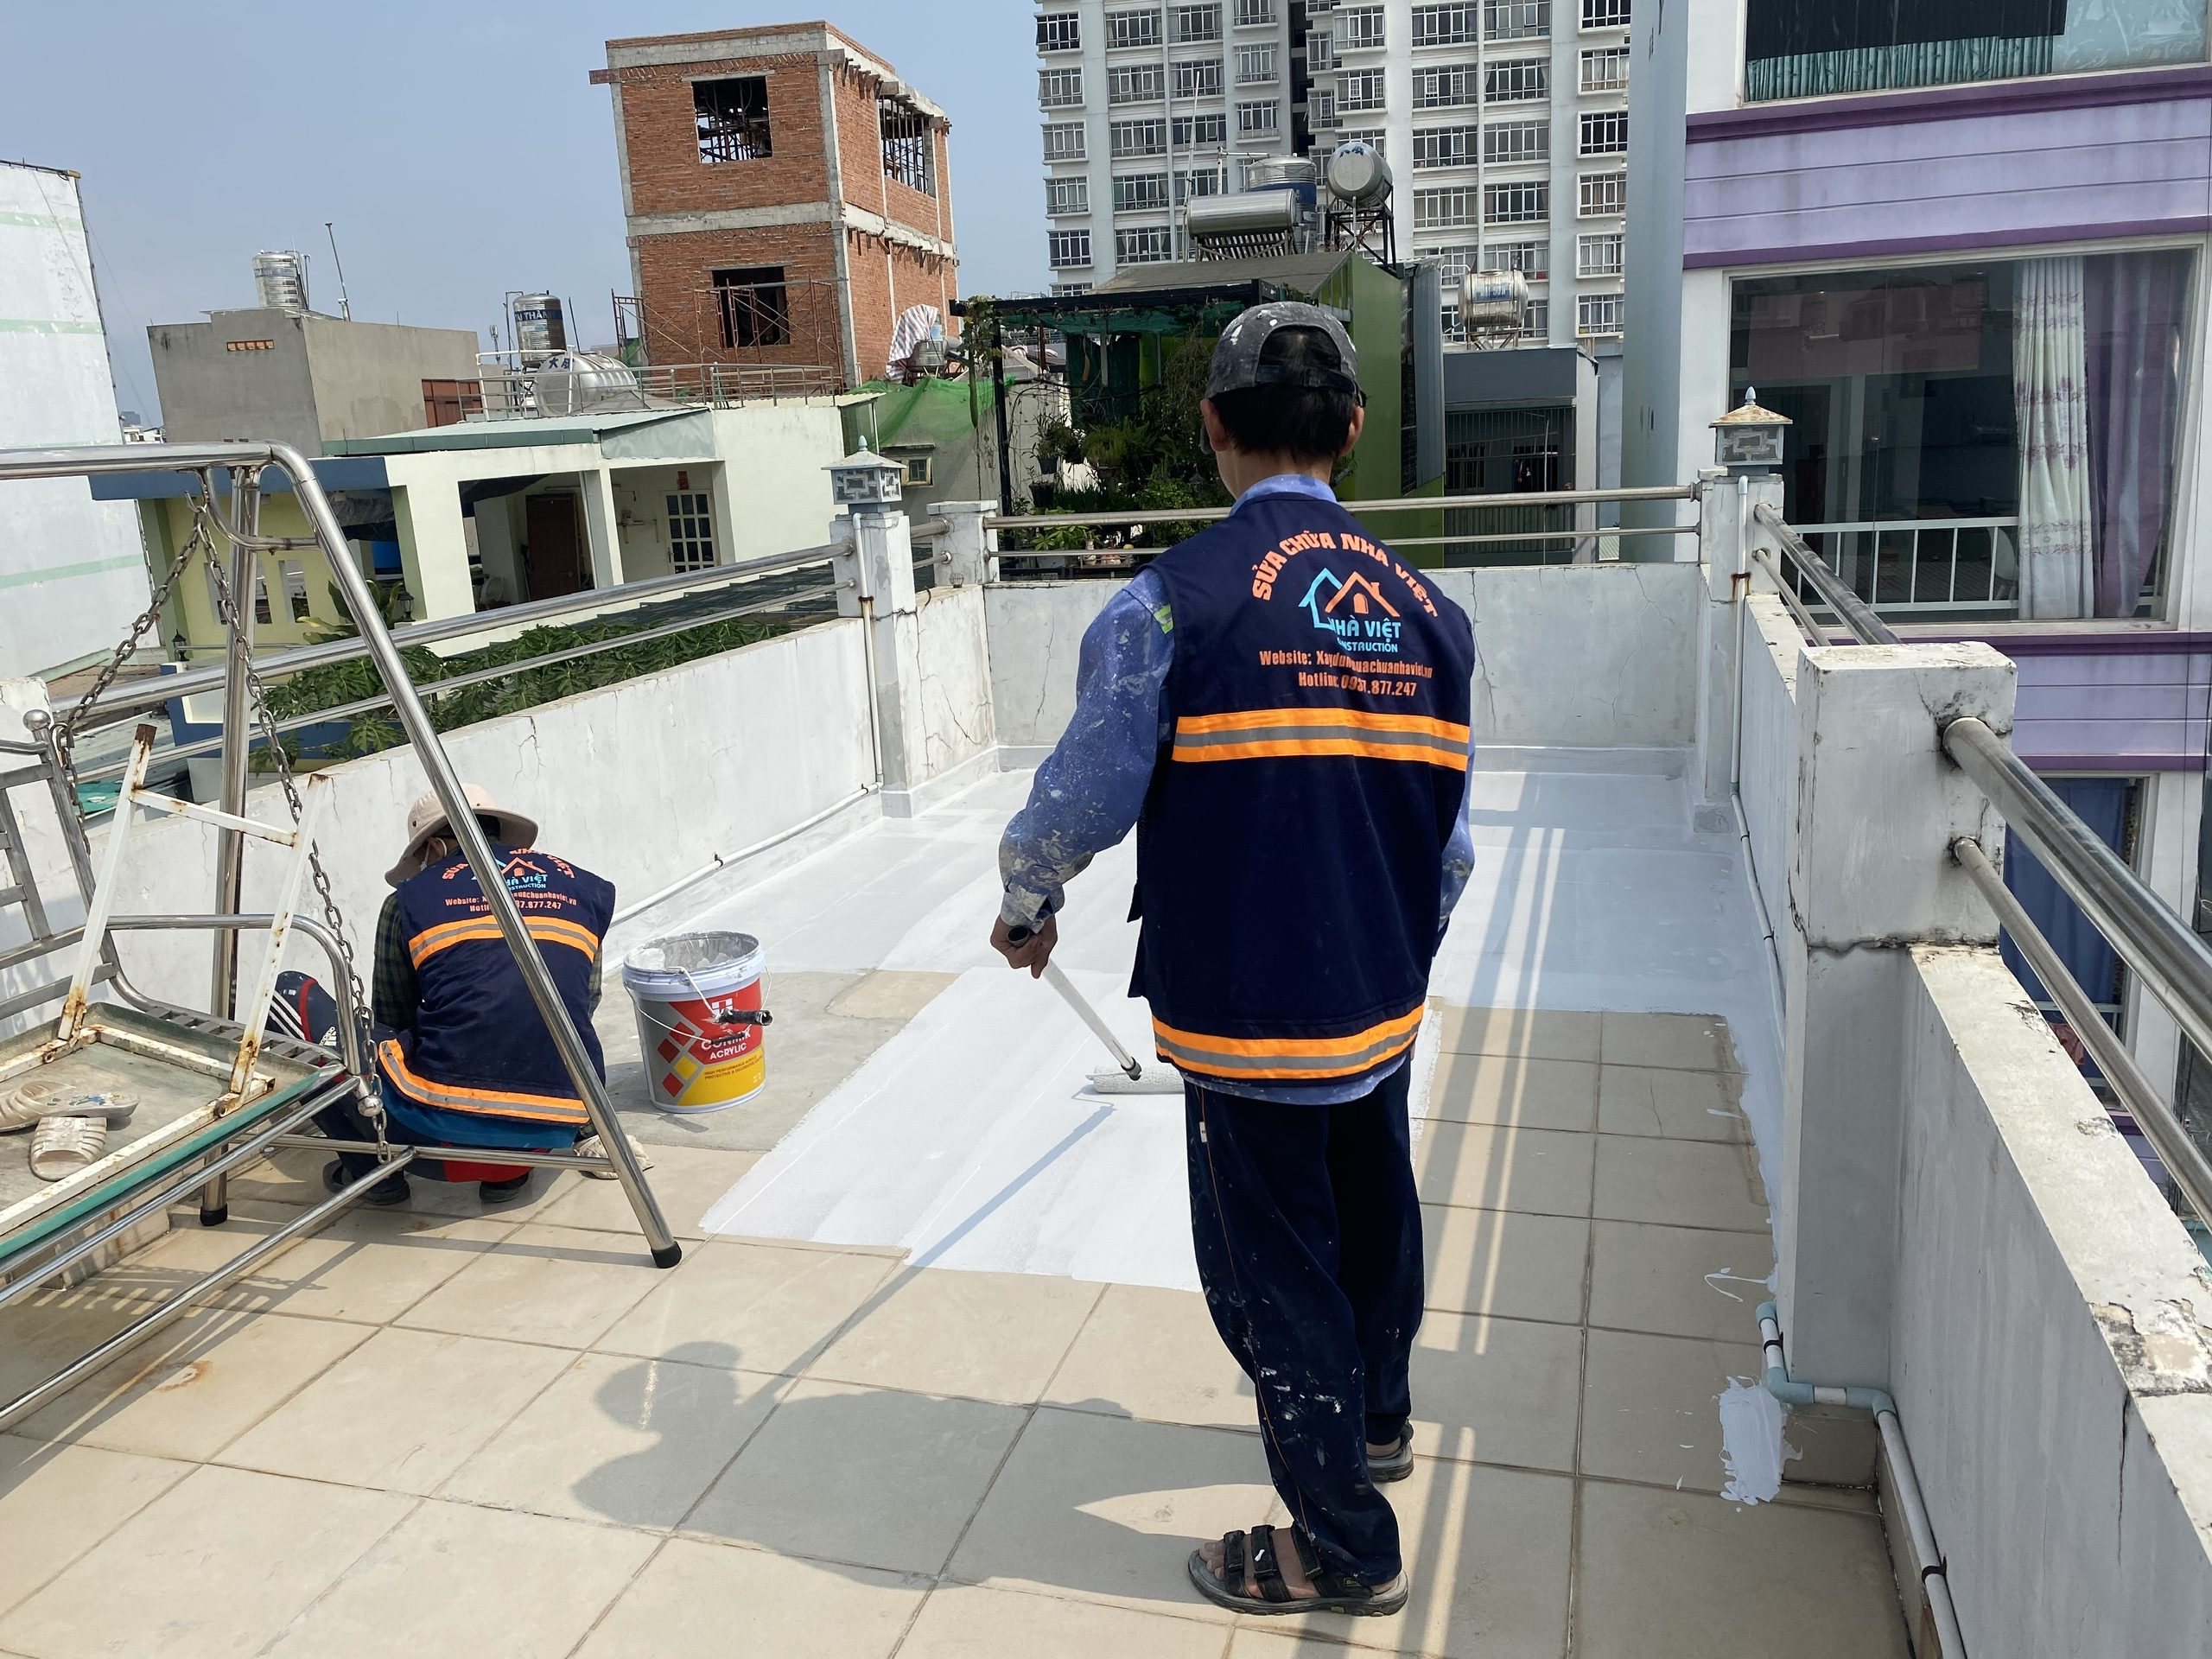 vat lieu chong tham san thuong 7 - 5 Vật liệu chống thấm sân thượng tốt nhất đảm bảo chất lượng hiện nay